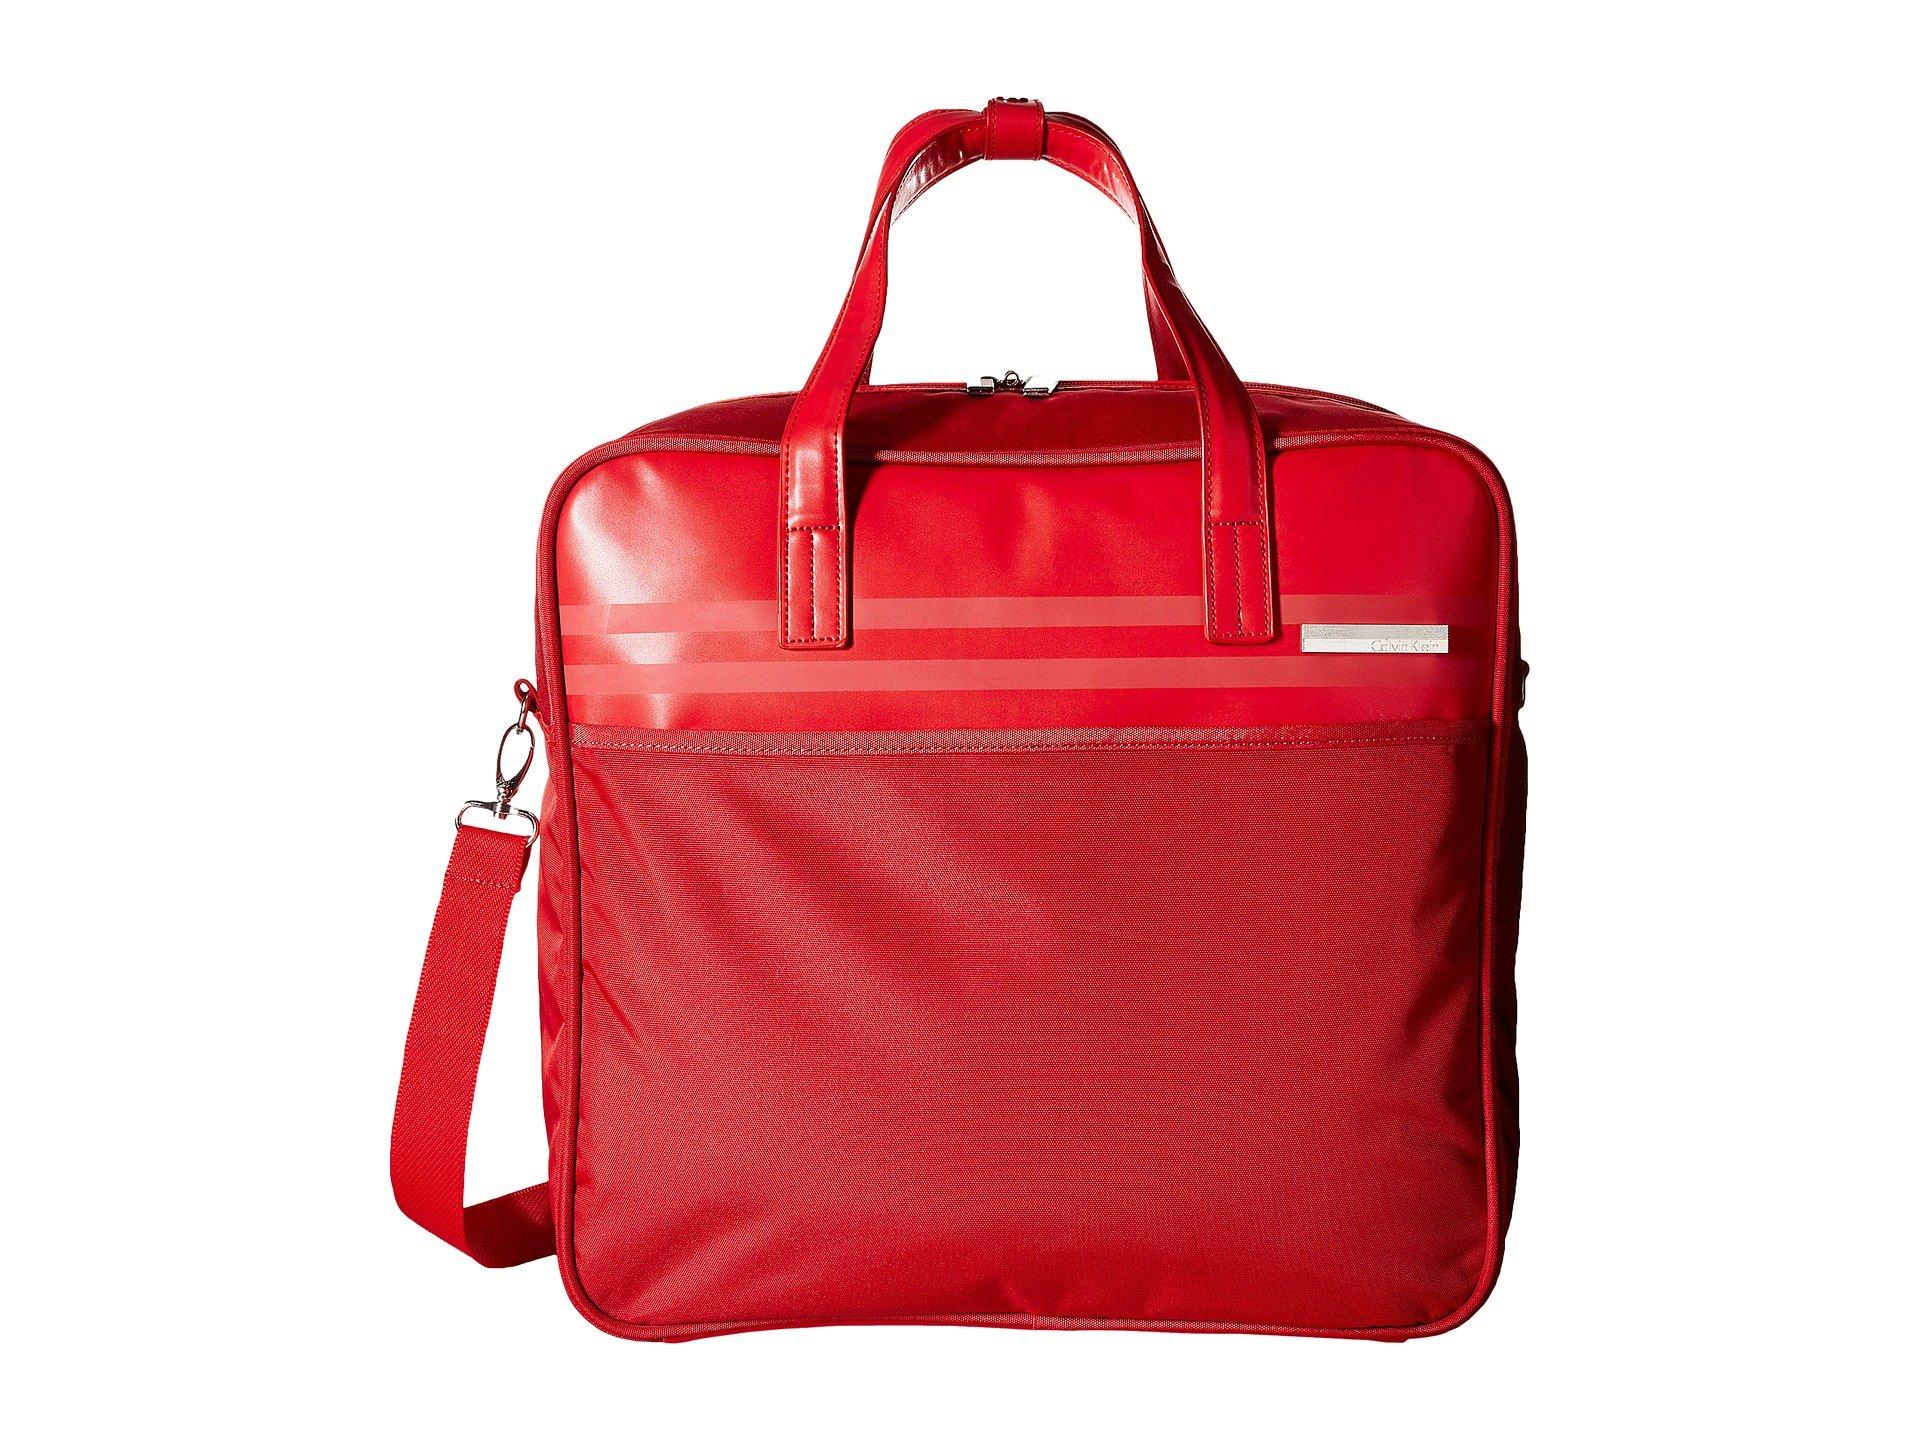 Bolso de Mano para Hombre Calvin Klein Greenwich 2.0 17and#34; Cabin Tote  + Calvin Klein en VeoyCompro.net